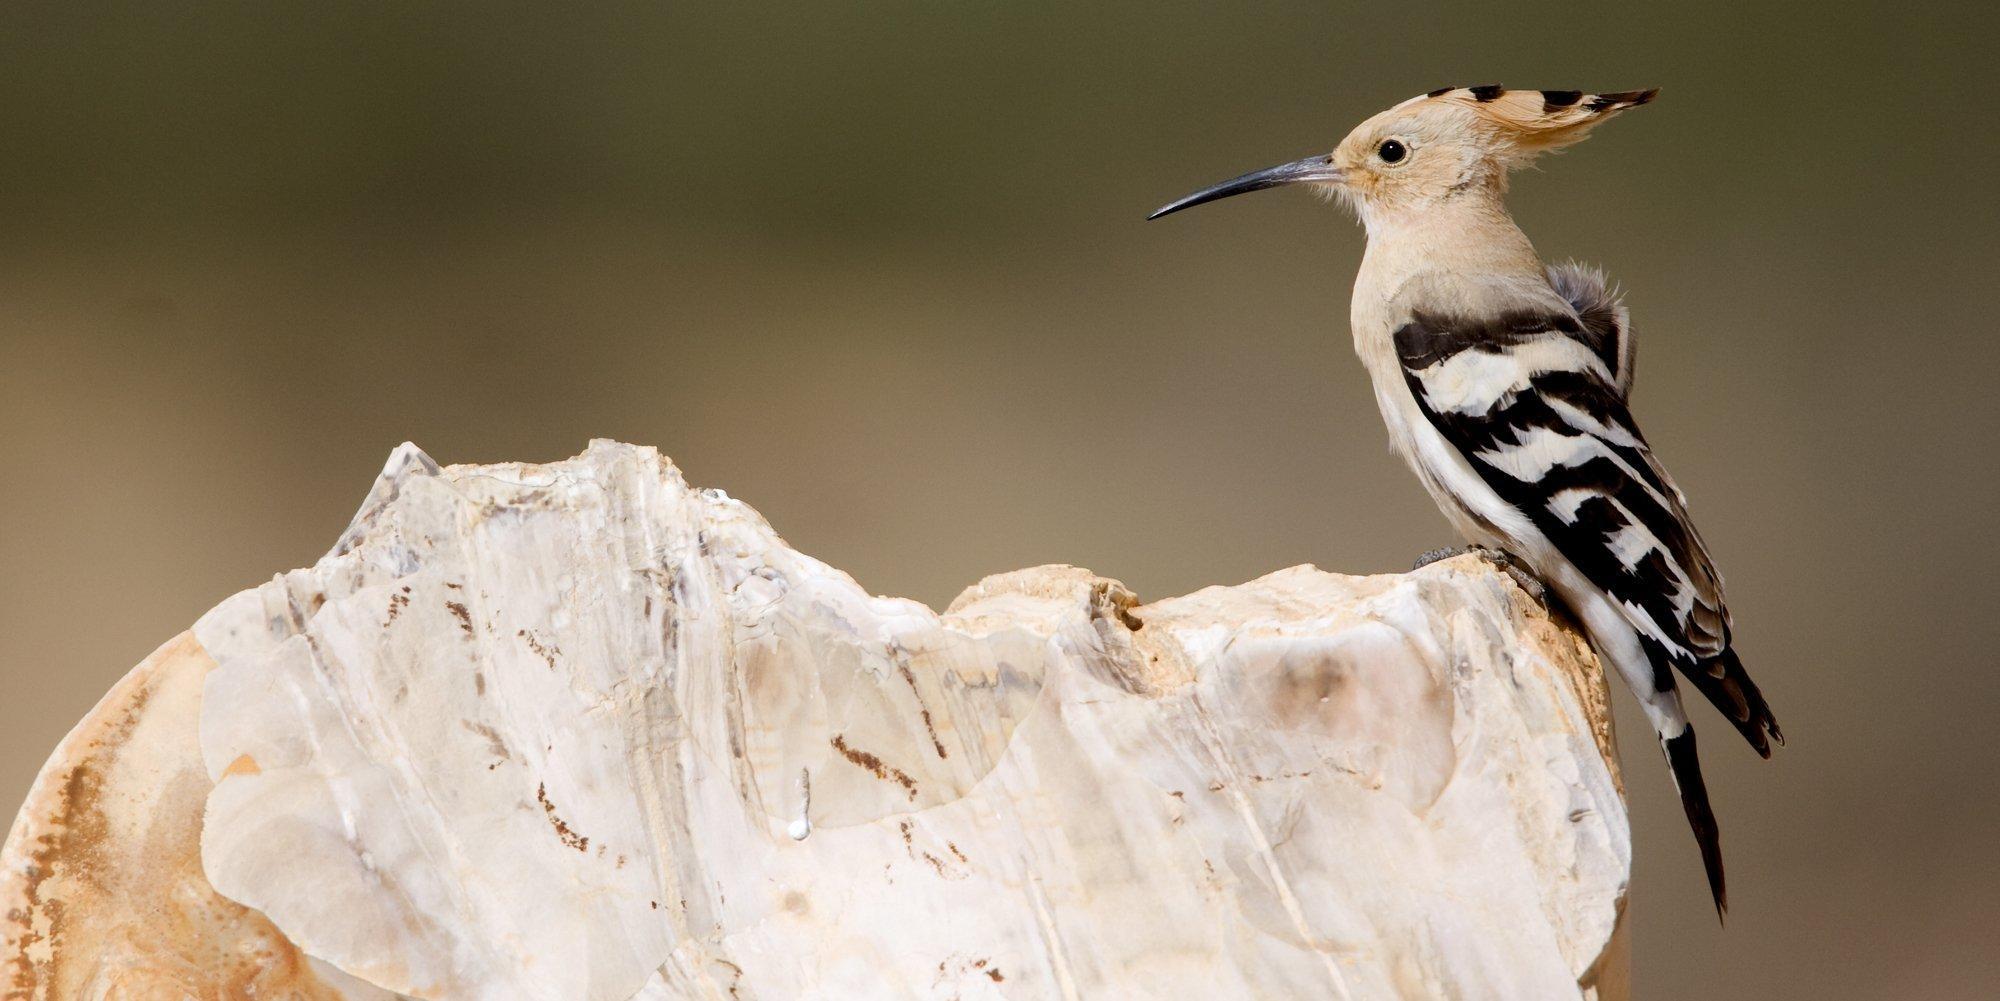 Ein Wiedehopf sitzt auf einem Stein. Es ist ein großer ockerfarbener Vogel mit schwarz-weißen Flügeln und einem langen, gebogenen Schnabel